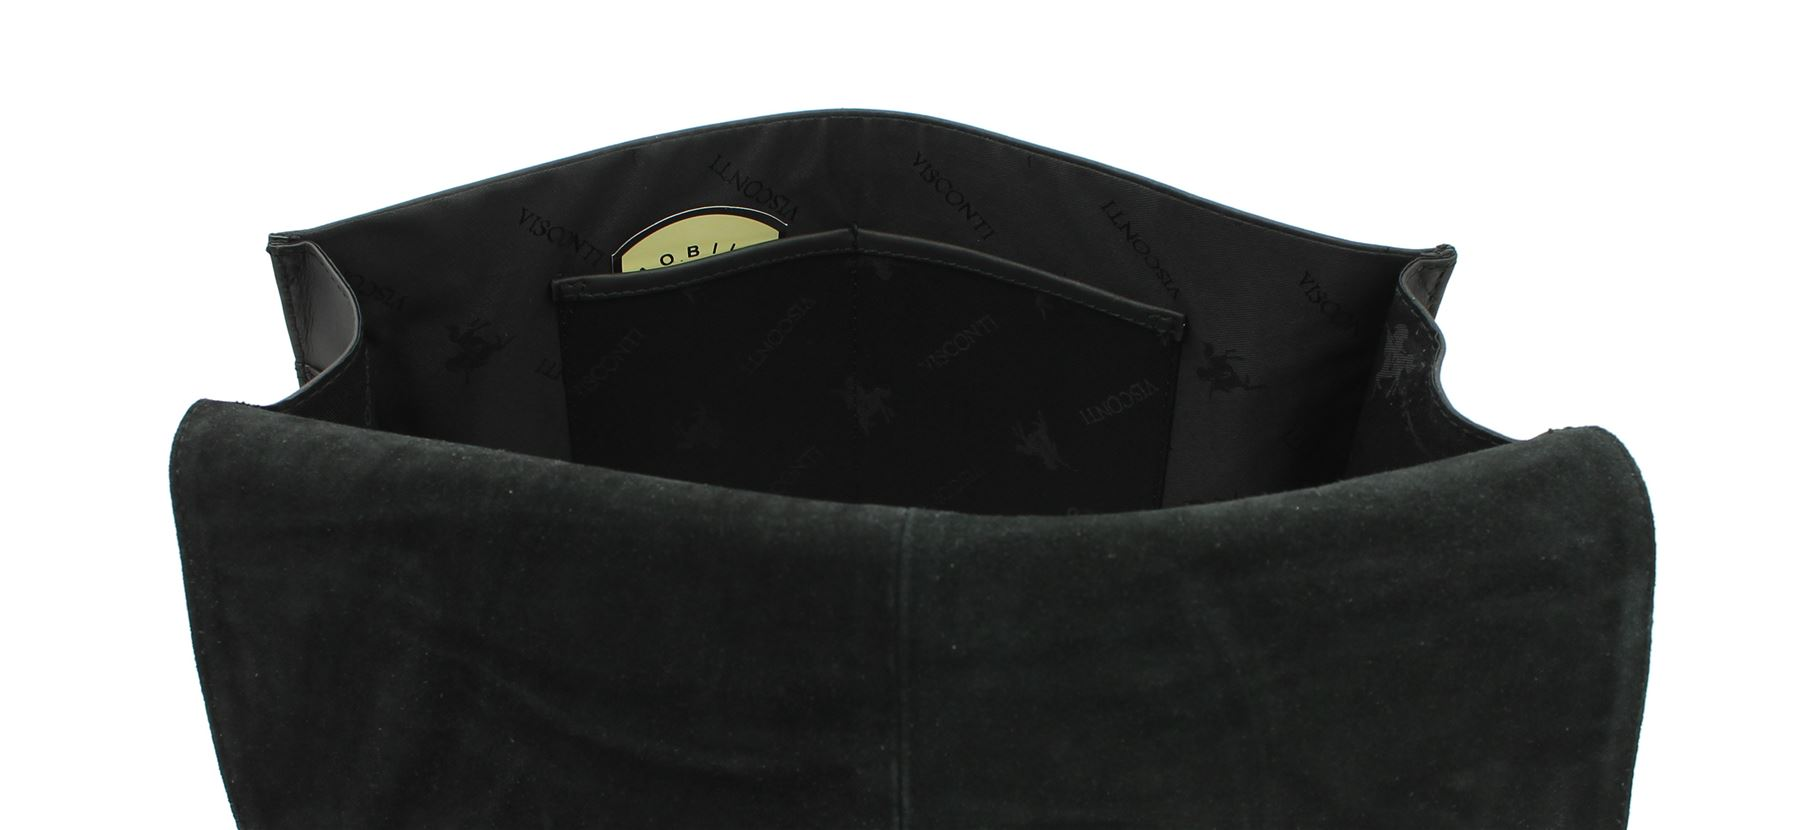 marron no A4 huile Moka Harvard havane de bleue huile Hay huile Visconti huile noire 18548 Leather Existencias Sac messager aqxSw8